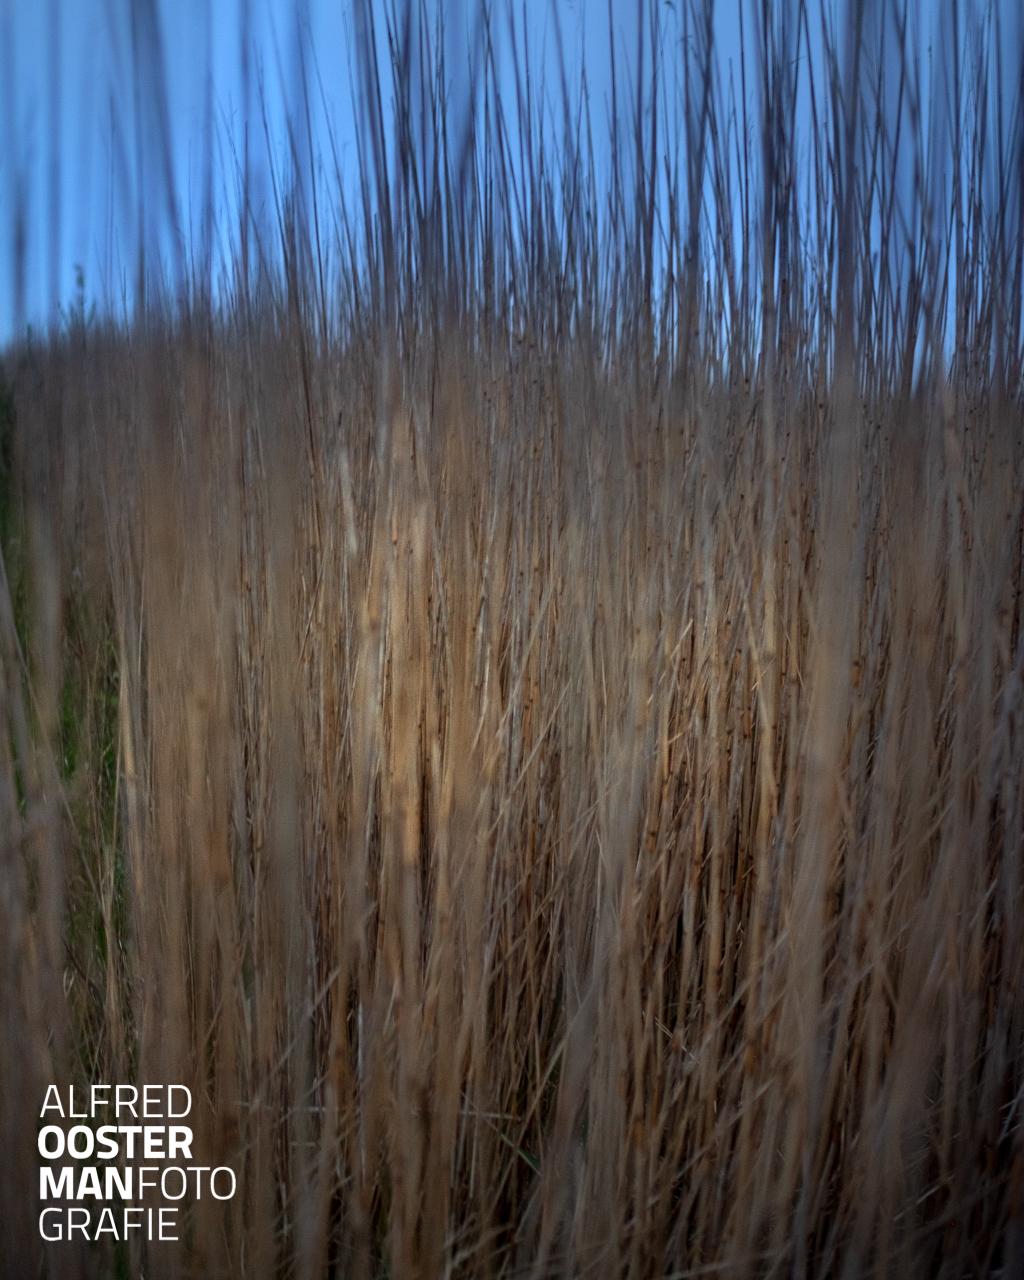 Ook 's morgens vroeg met weinig licht is het riet in de Onlanden de moeite waard om te zien. De wind duwt steeds tegen de stengels en het riet beweegt mee en keert weer terug. Een eindeloos spel tussen wind en riet.